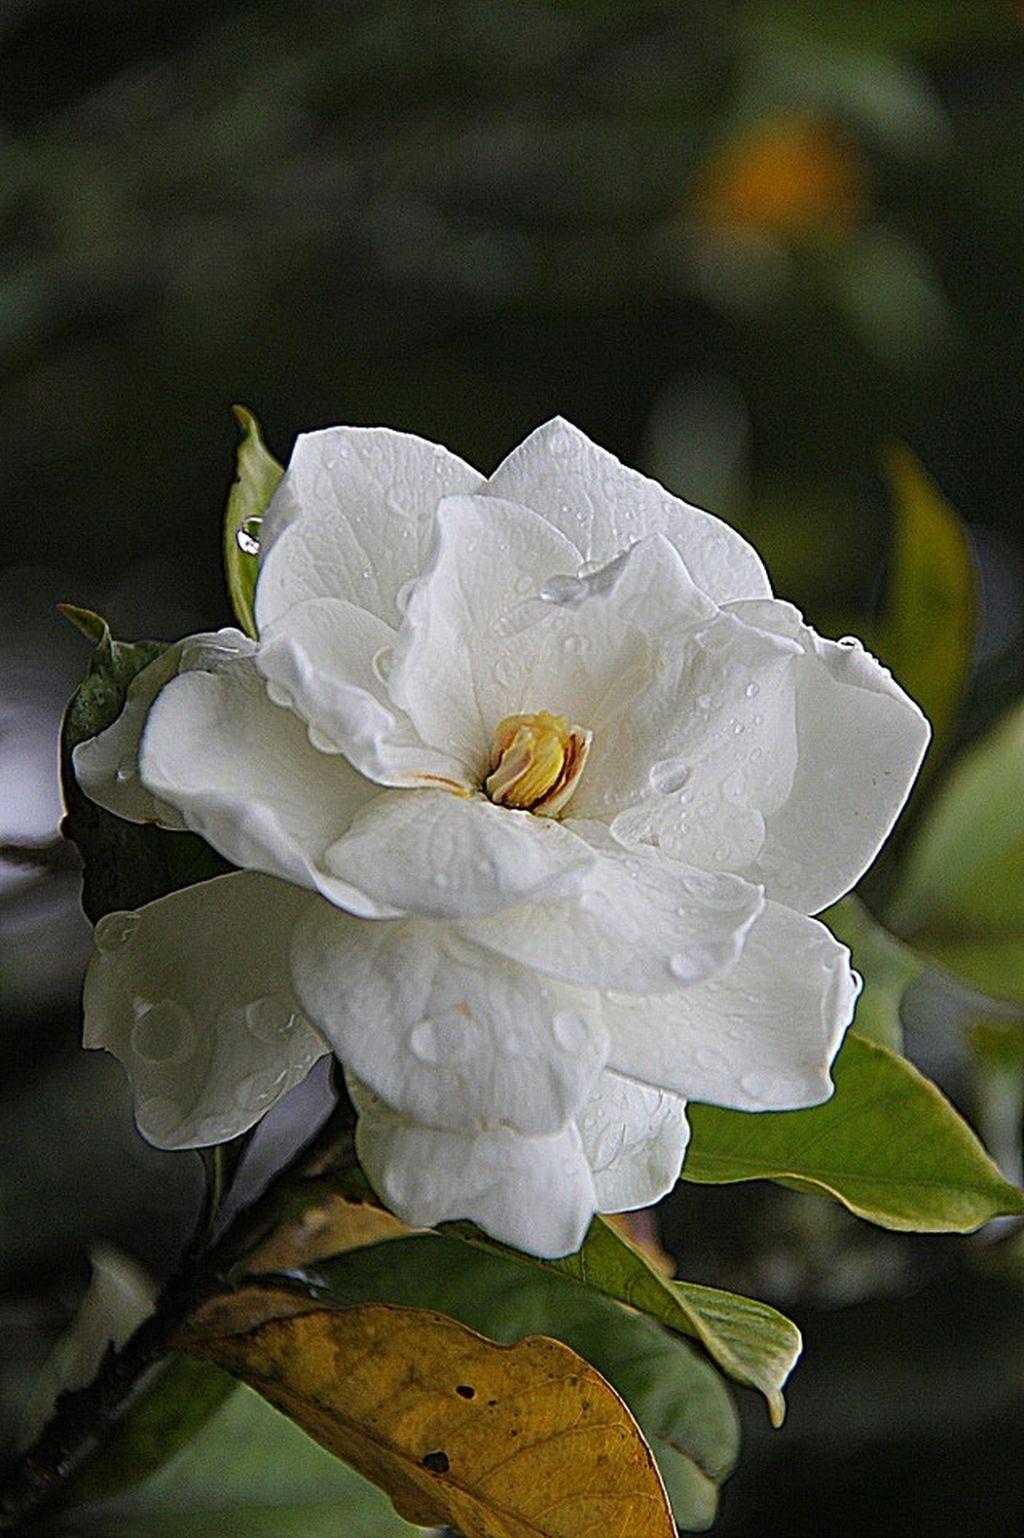 Come coltivare gardenia guida per principianti - Gardenia pianta da giardino ...